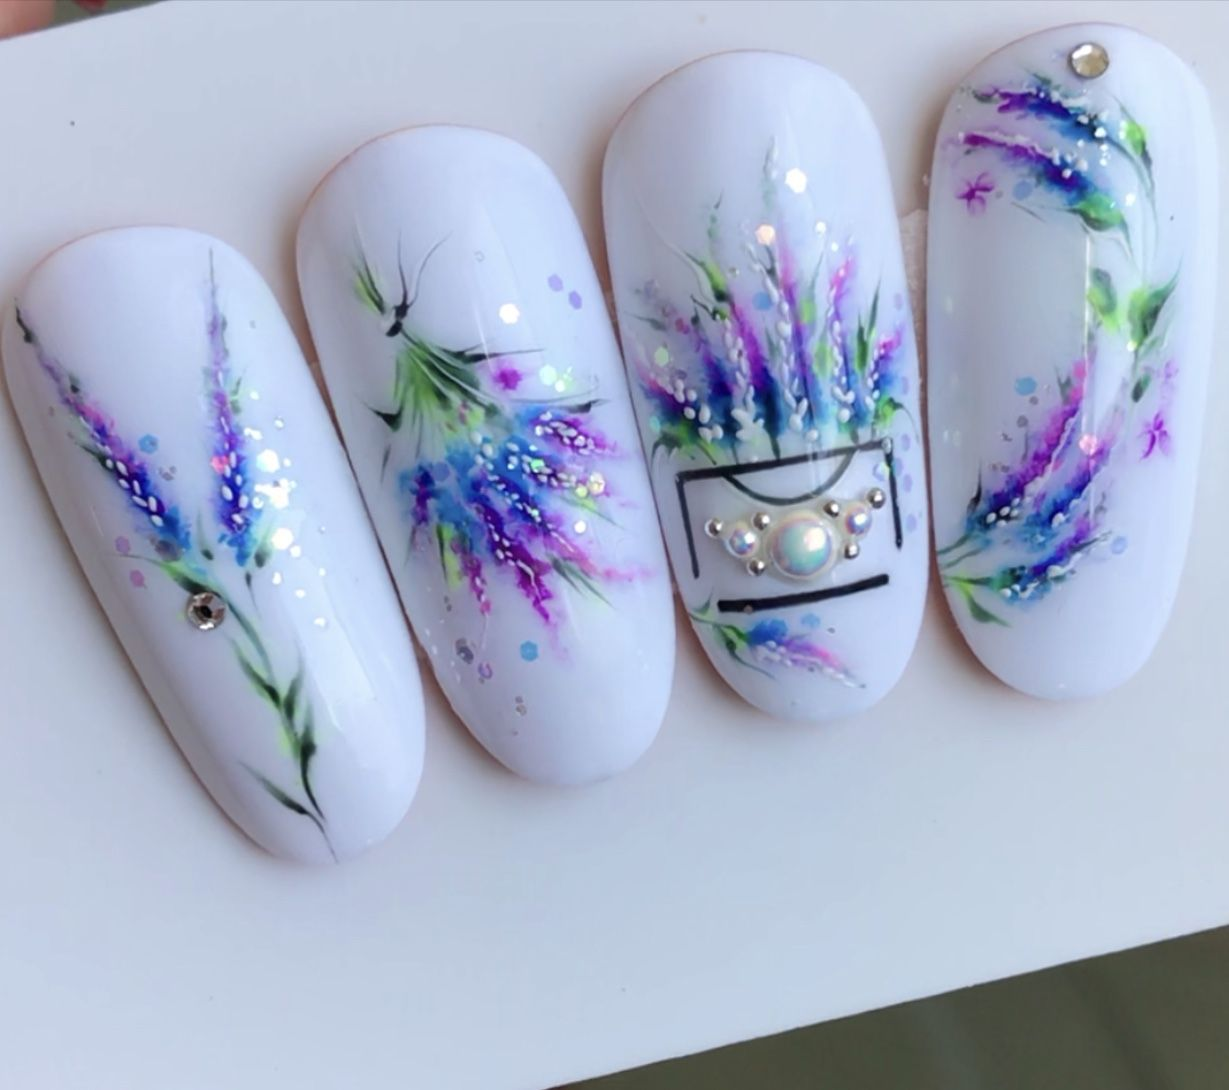 Акварель на ногтЯх, очень нежно и изящно 😻 | Дизайн ногтей ...